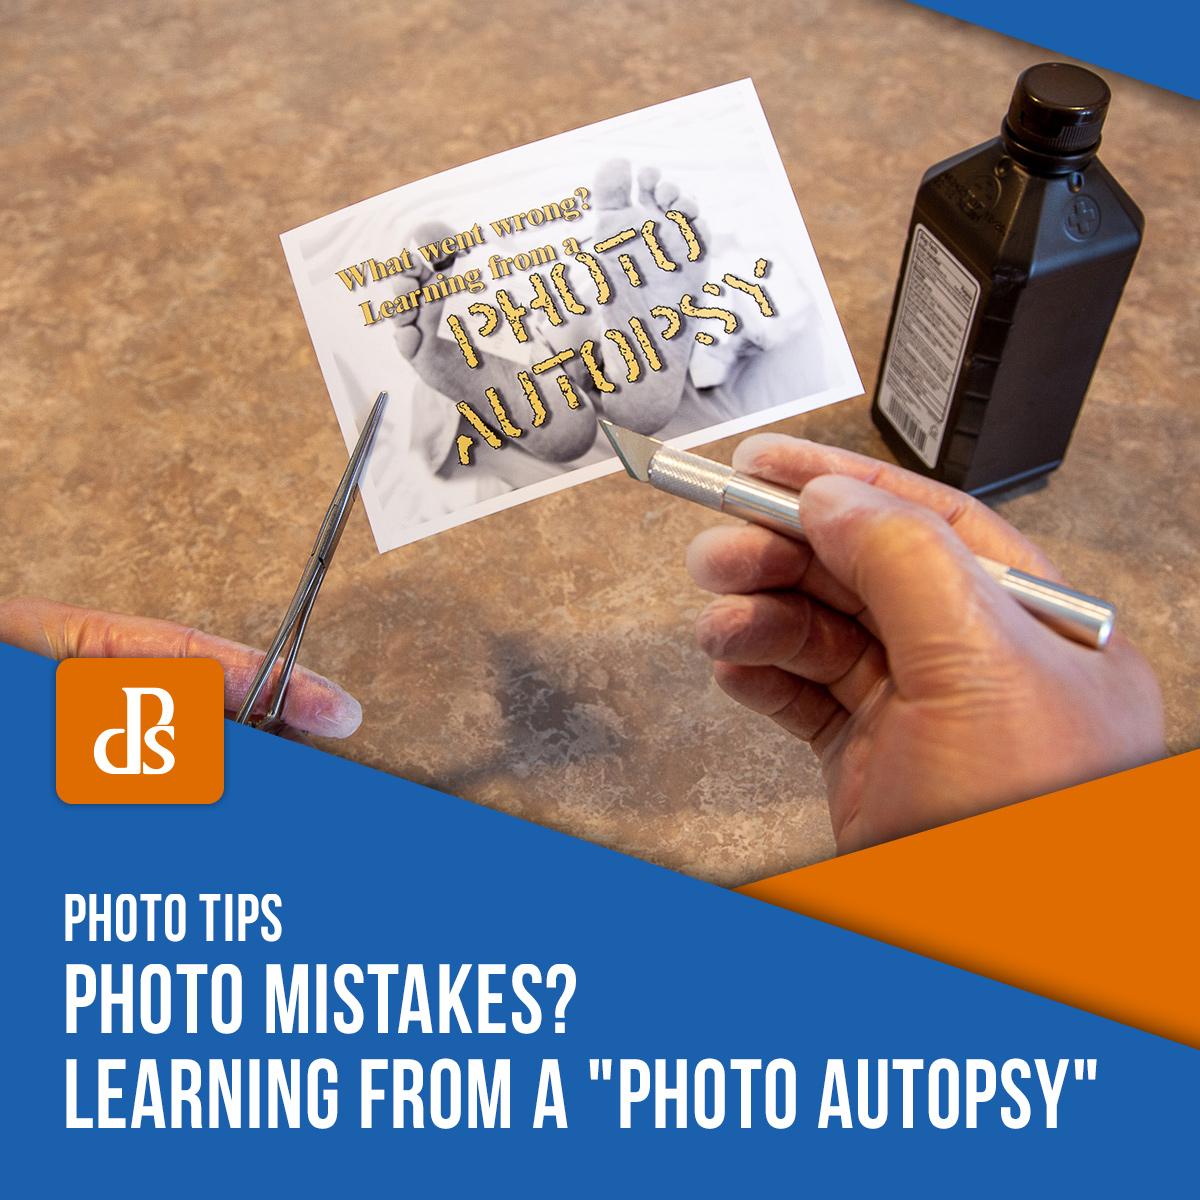 photo-mistakes-photo-autopsy